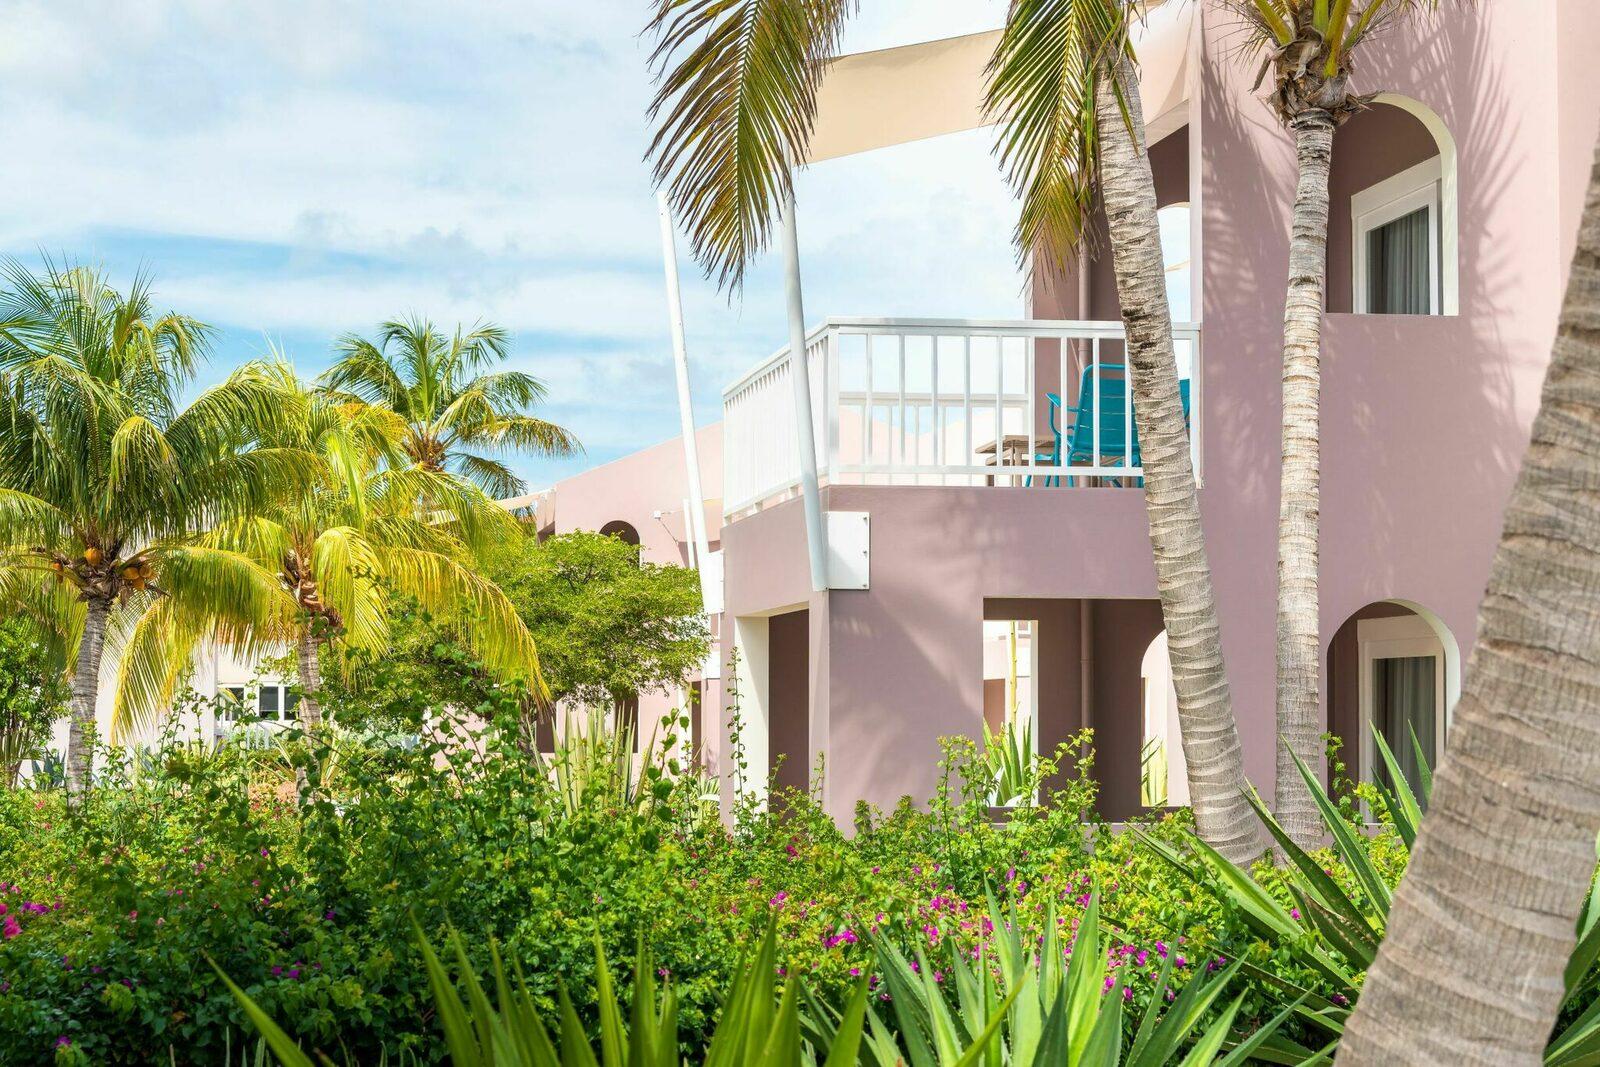 Hotelkamer Deluxe - Uitzicht op tuin | 2 Pers.